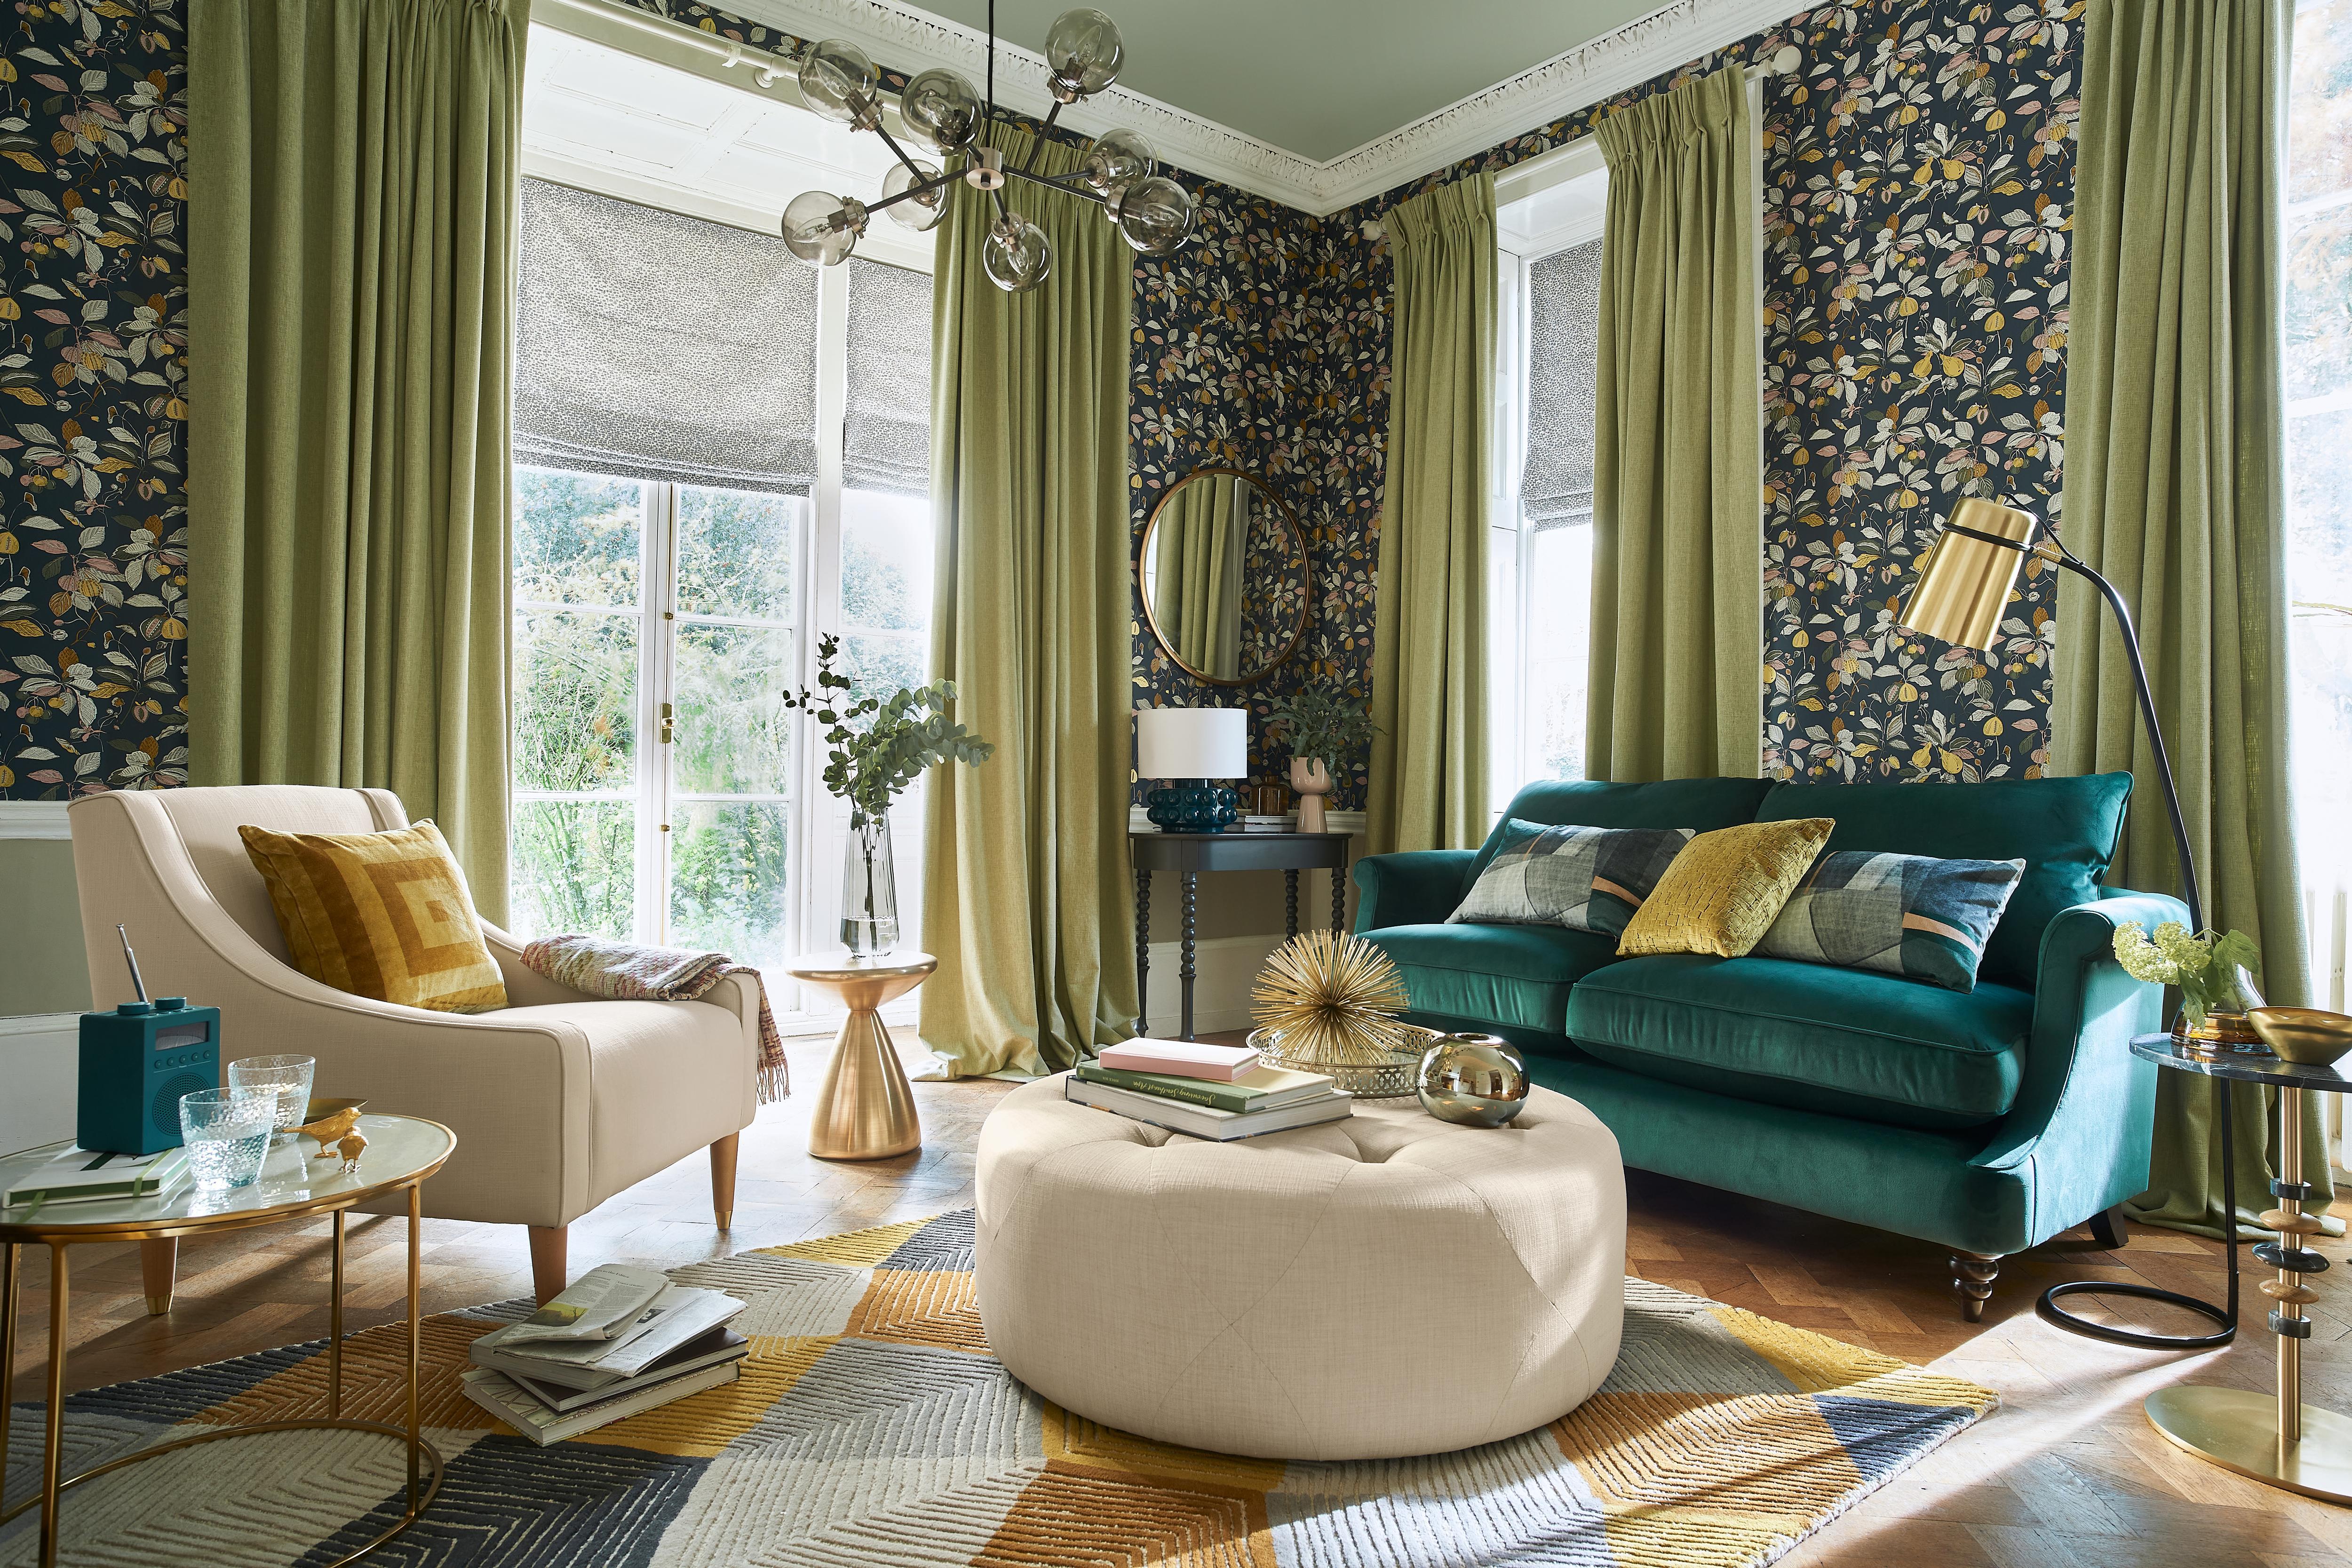 25 Living Room Curtain Ideas For An, Curtain Idea For Living Room